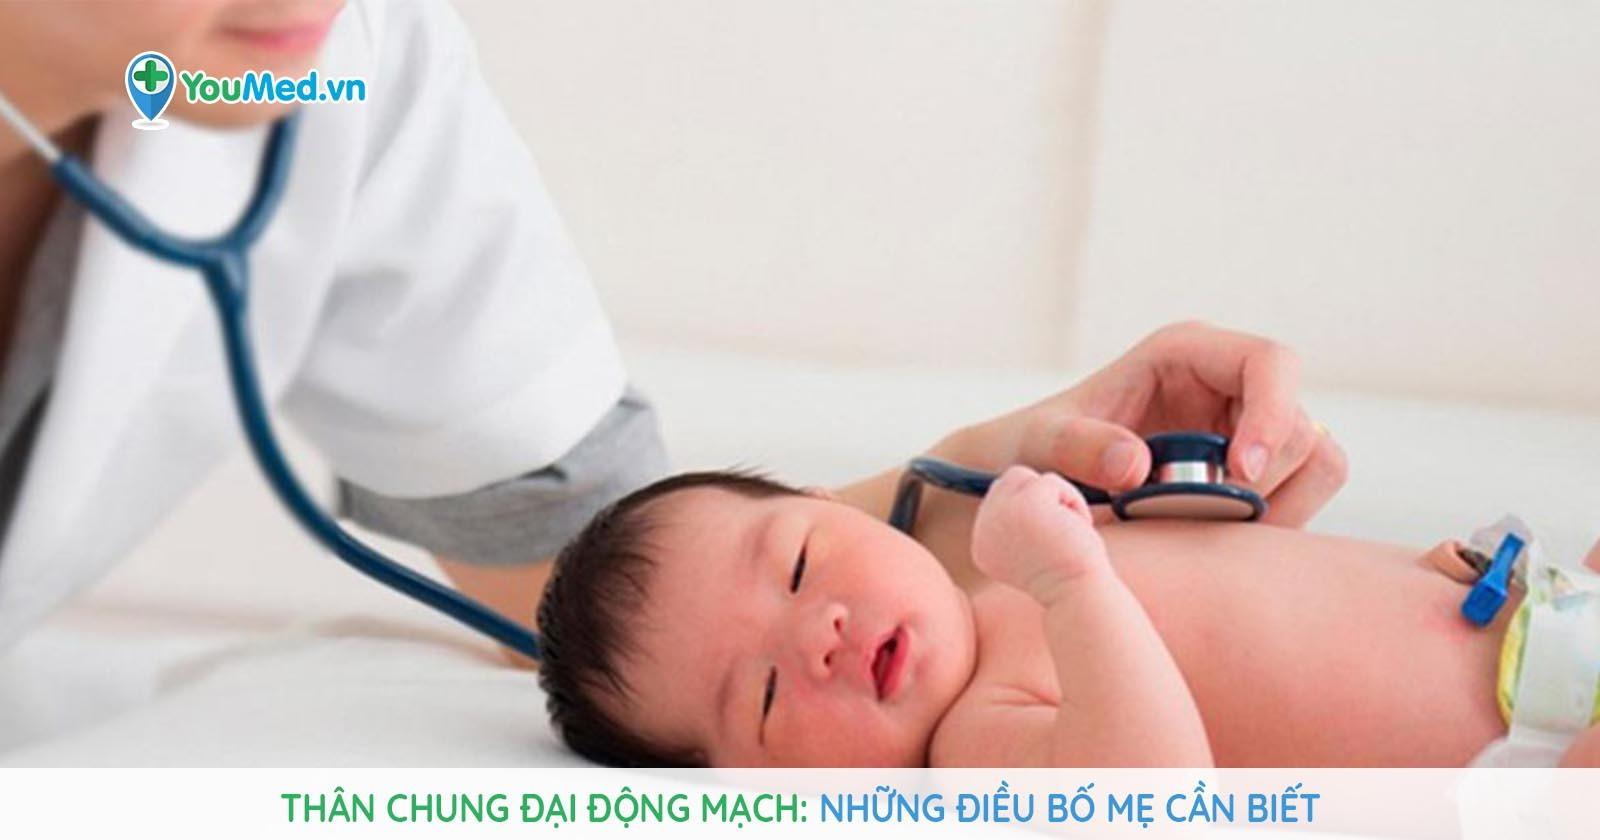 Thân chung đại động mạch: Những điều bố mẹ phải biết